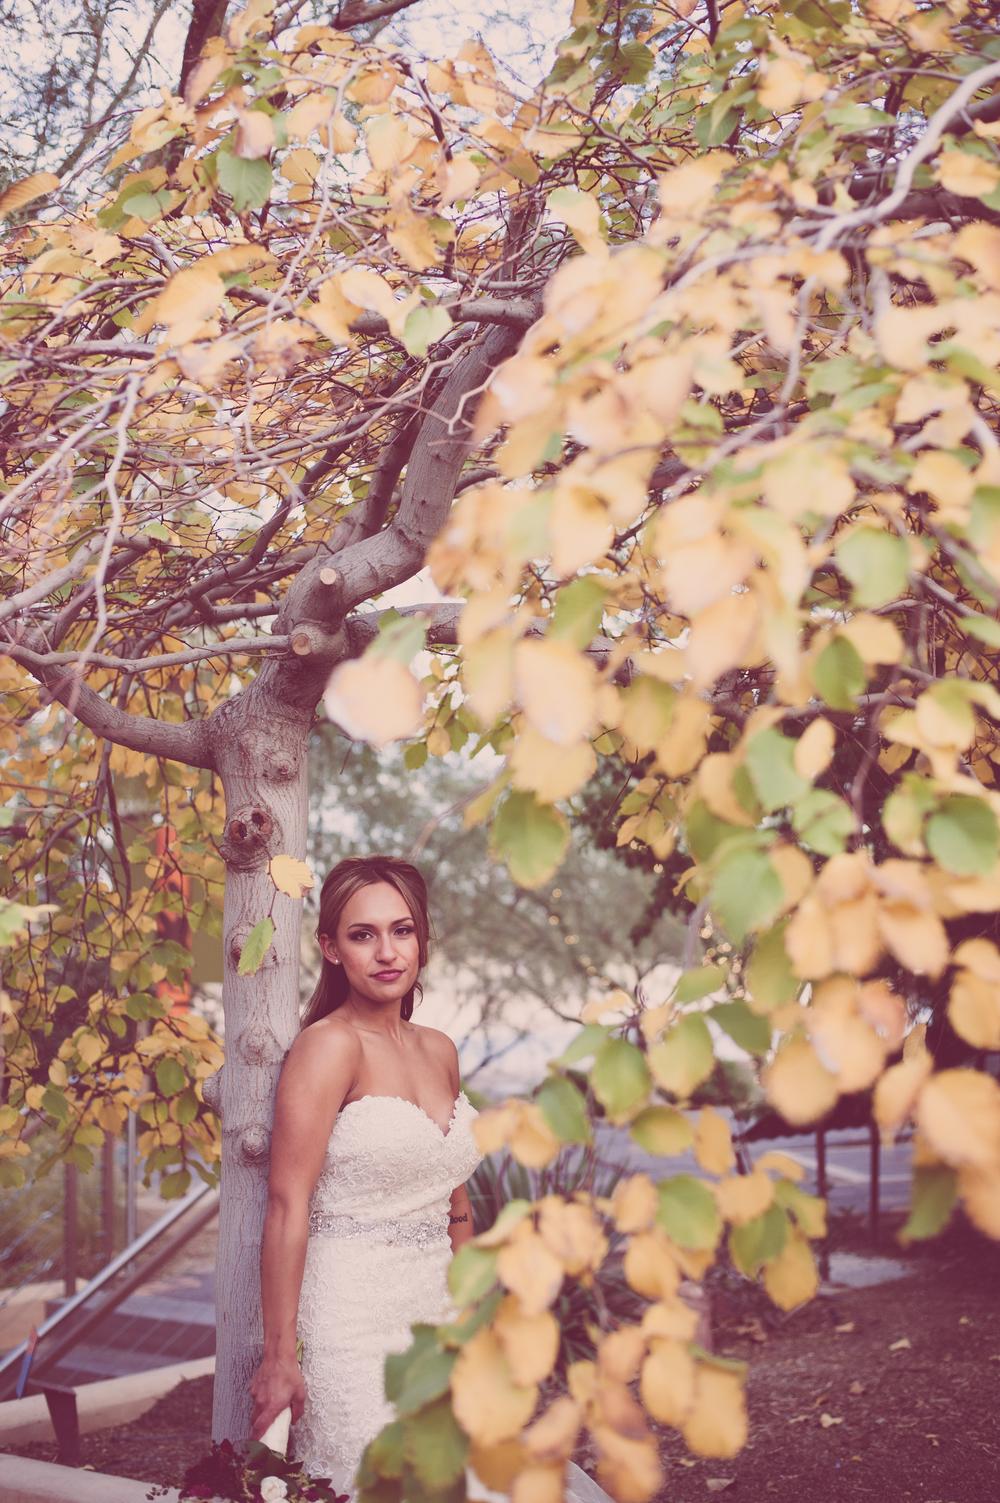 RomanoWedding_lasvegasweddingphotographer-2 (646).JPG